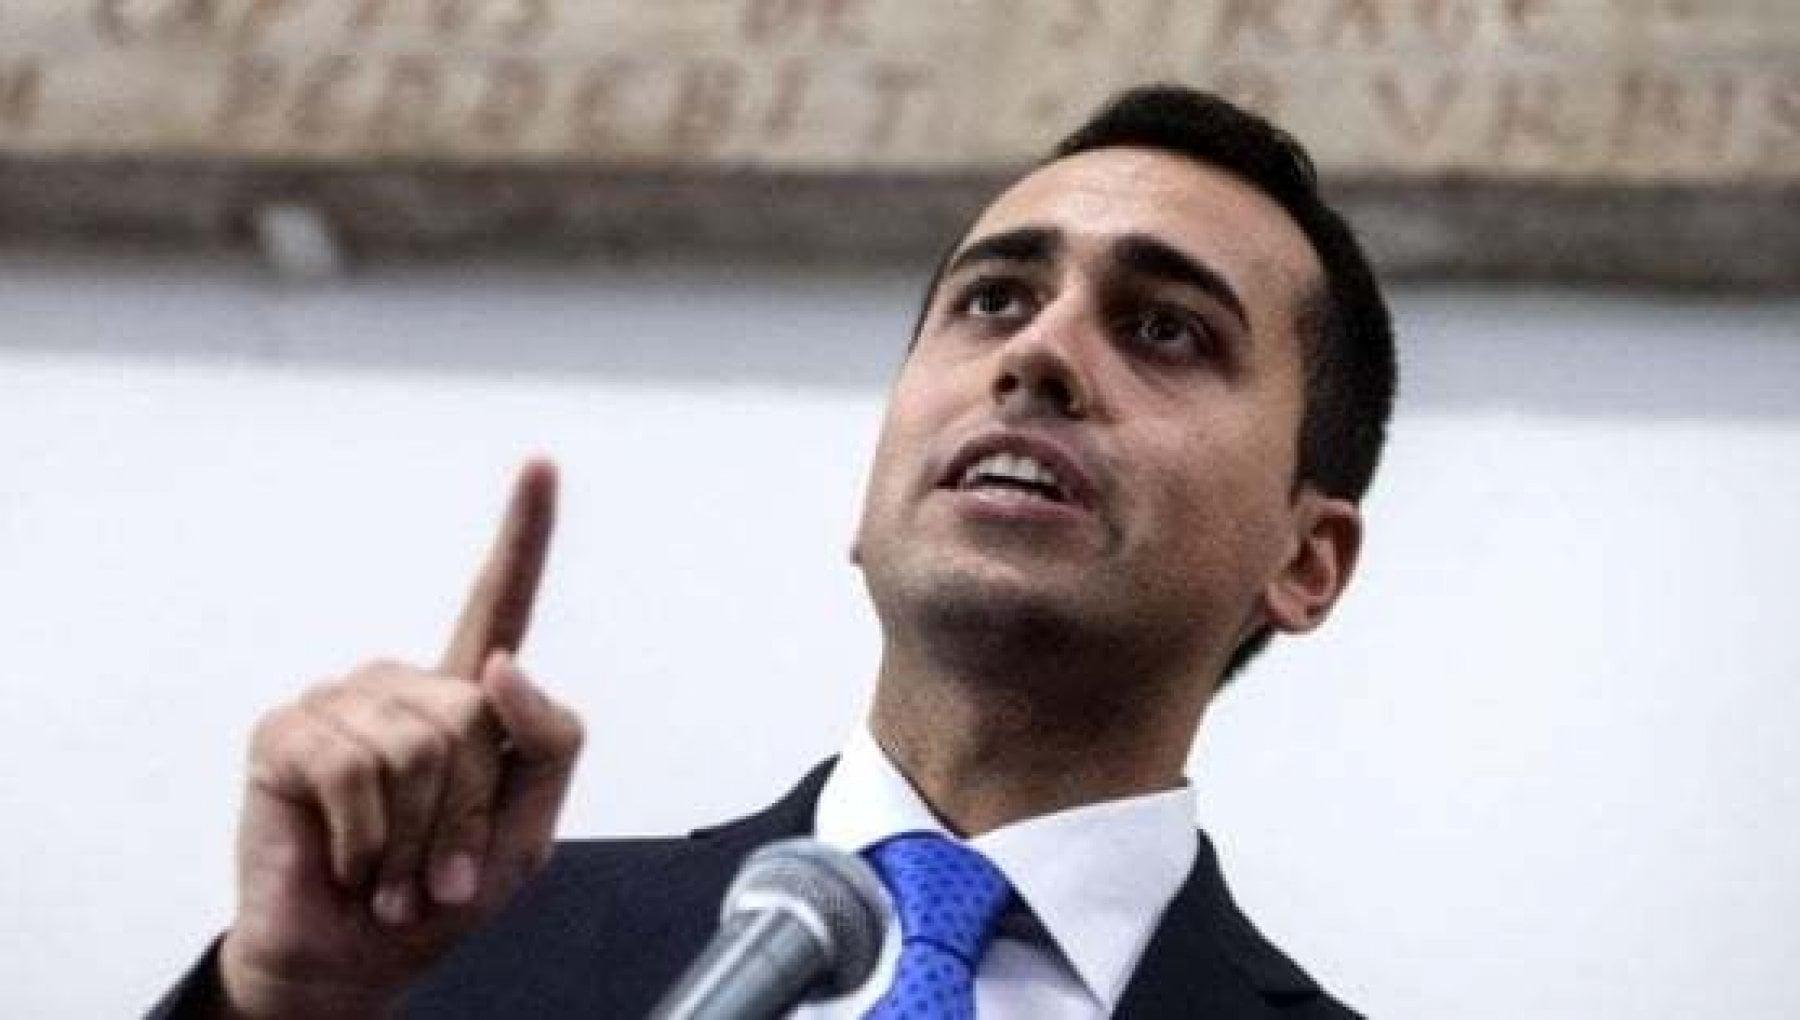 M5S i grillini infrangono lultimo tabu Si puo dialogare con Berlusconi